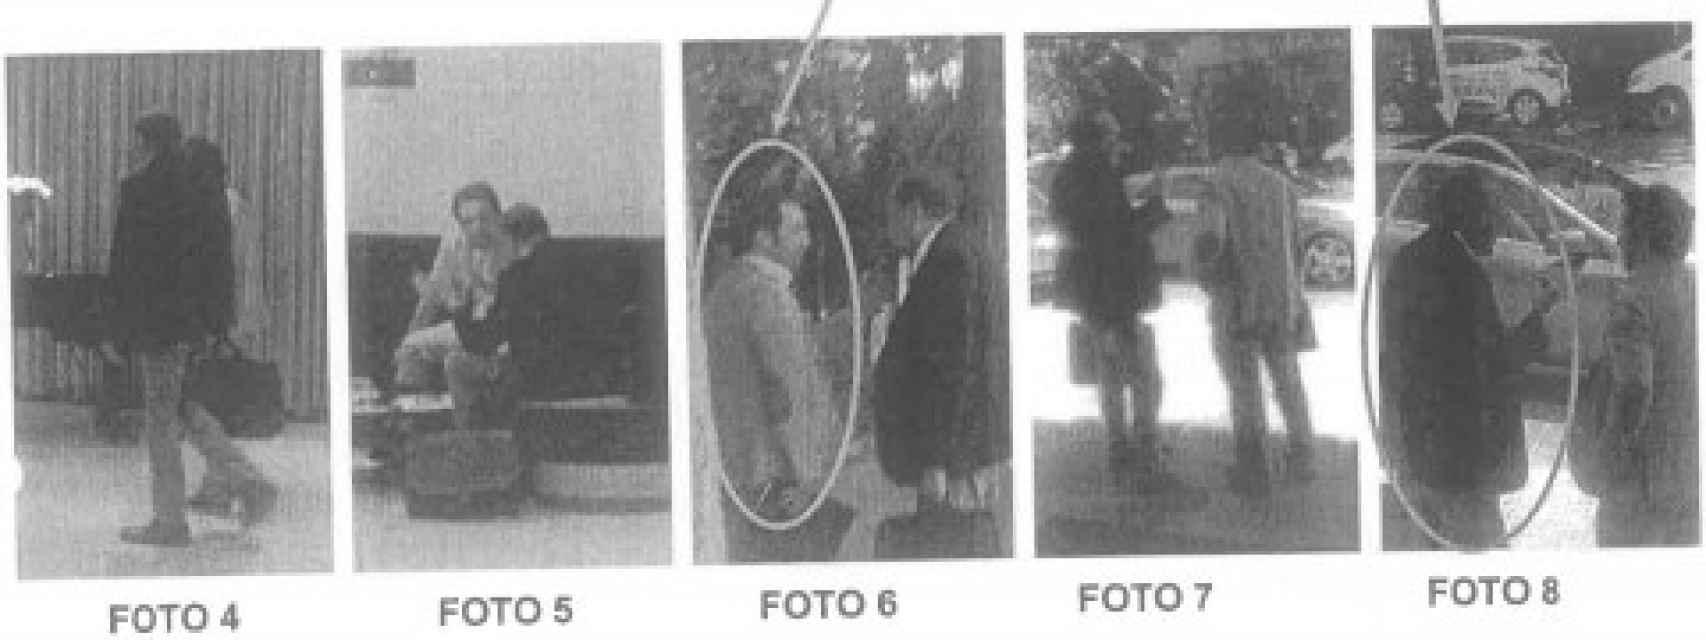 Imágenes de los abogados en los informes policiales.